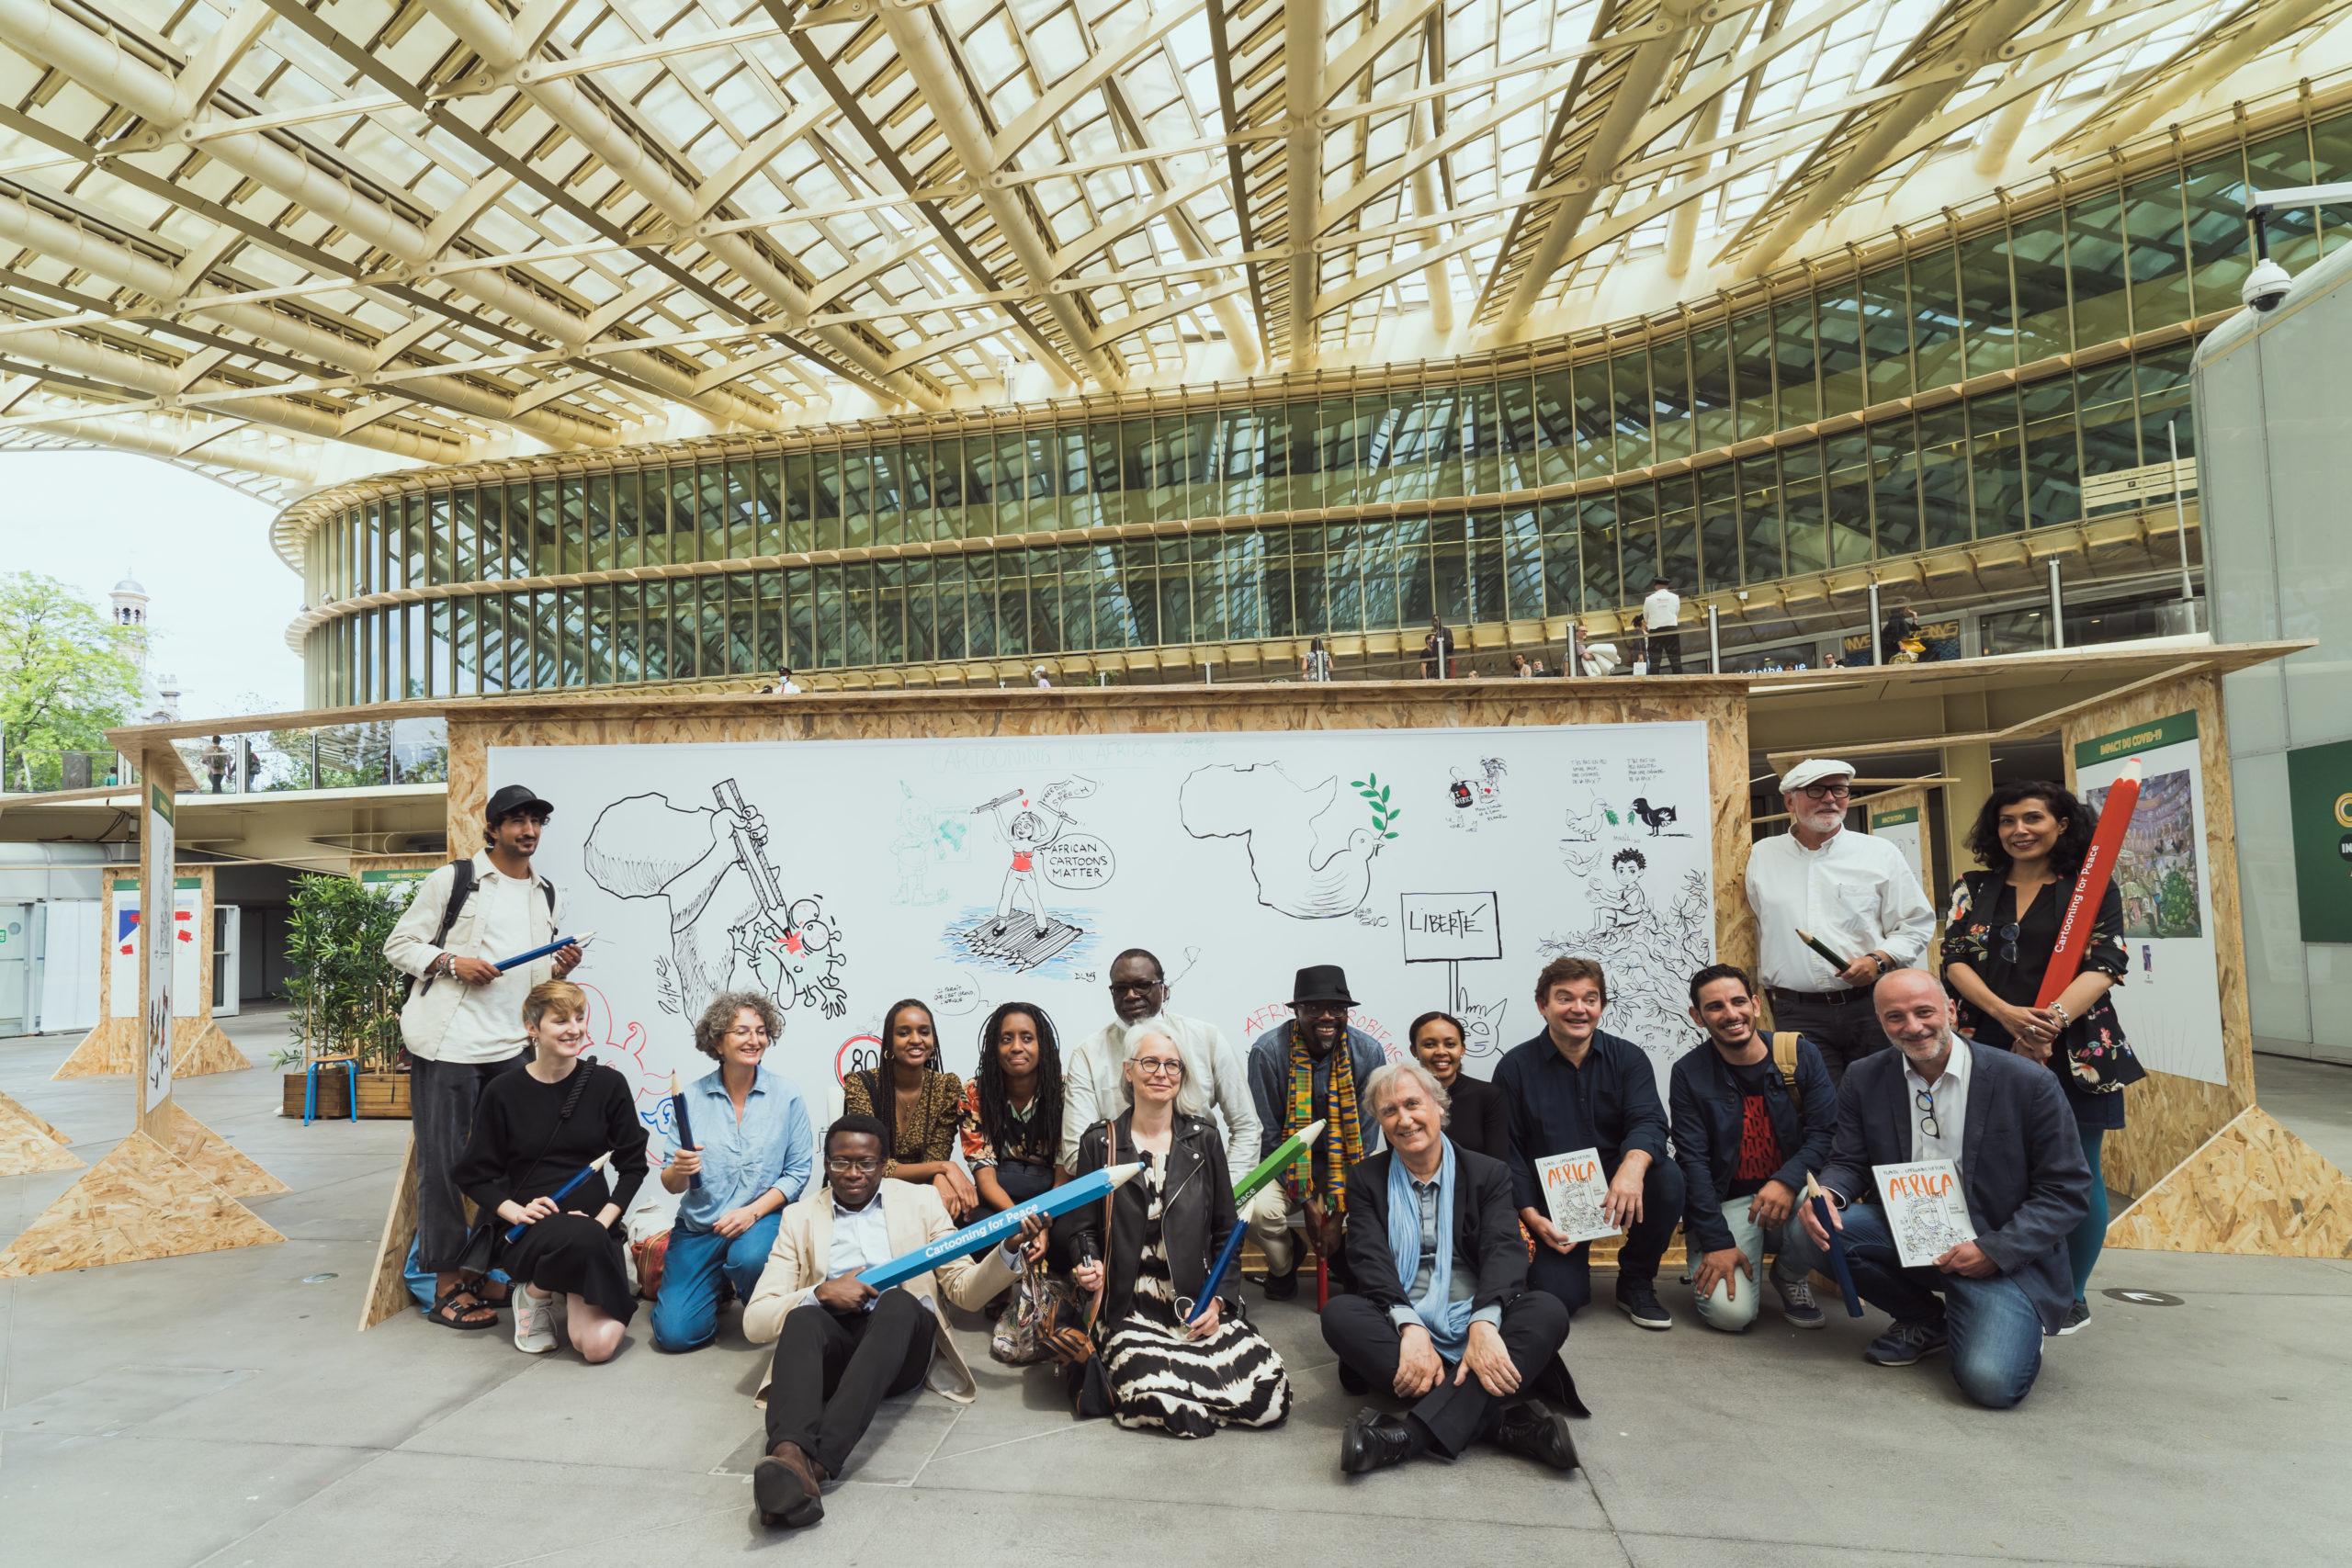 © MINGLE PROD – les dessinateurs et dessinatrices réunis devant la fresque collective